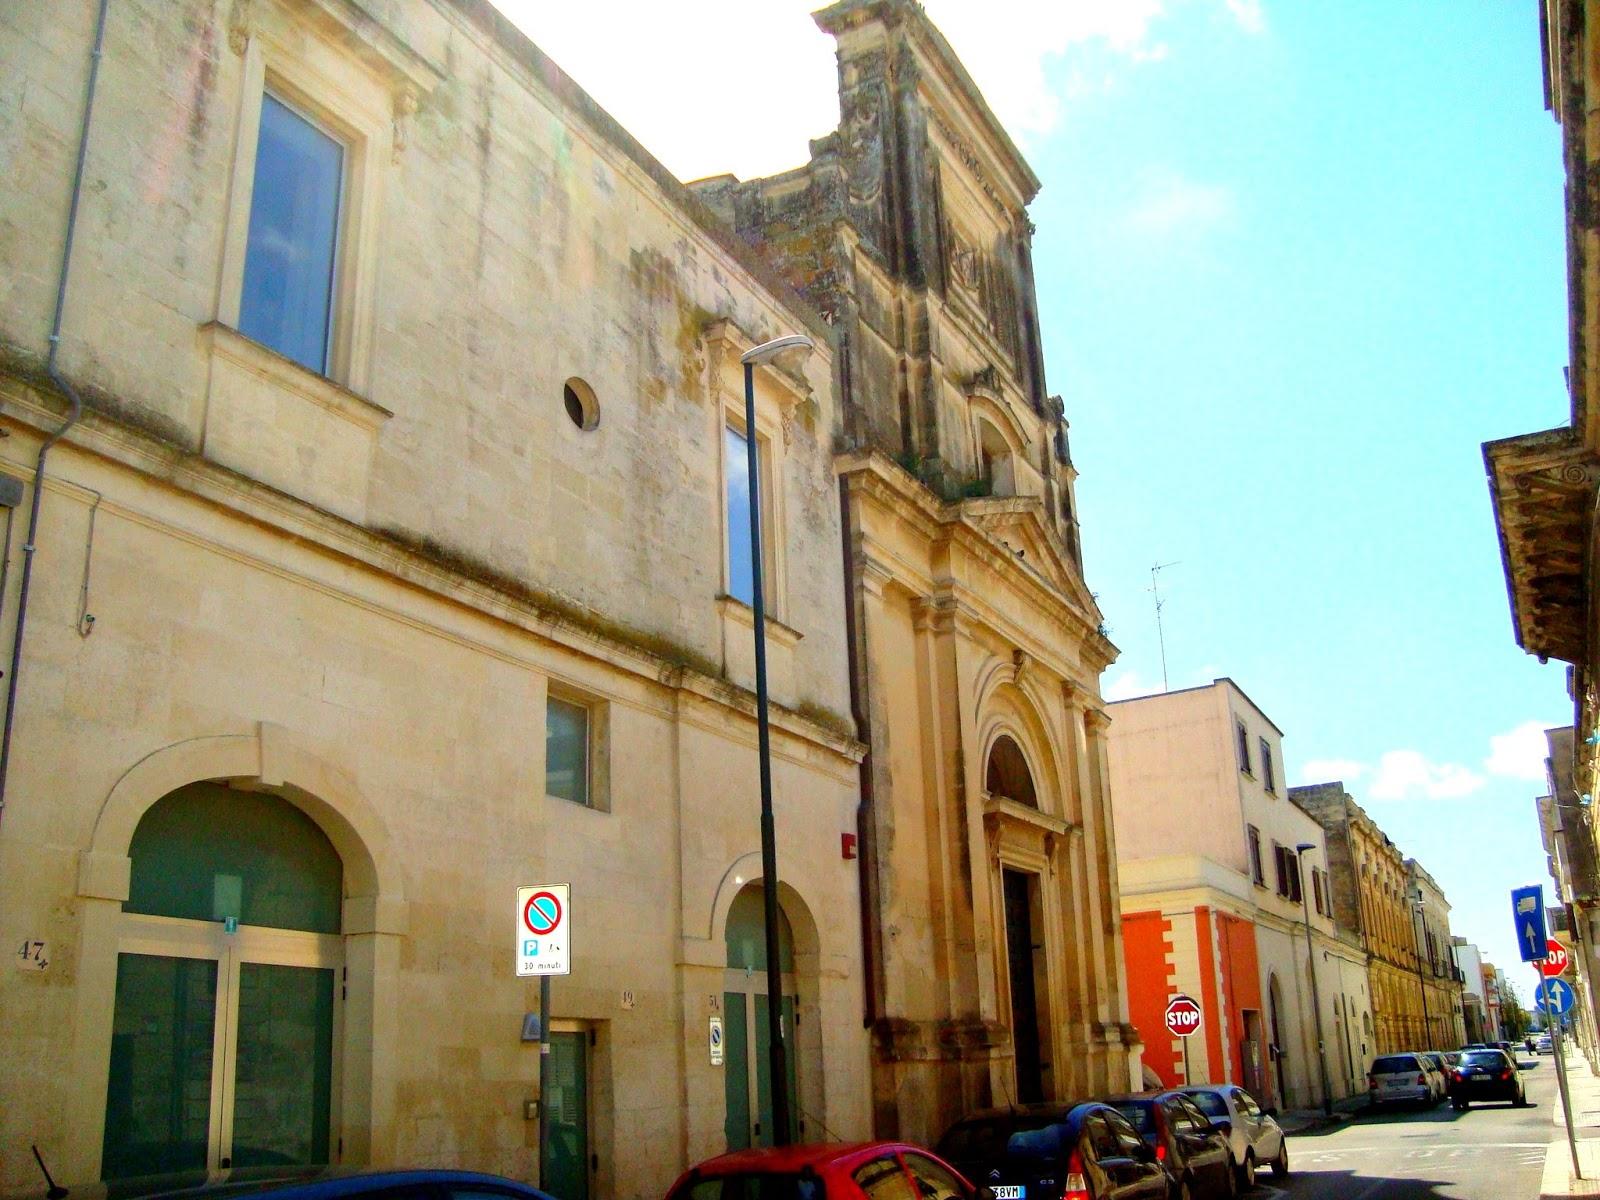 Chiesa dell 39 addolorata a san cesario di lecce for Albanese arredamenti san cesario lecce